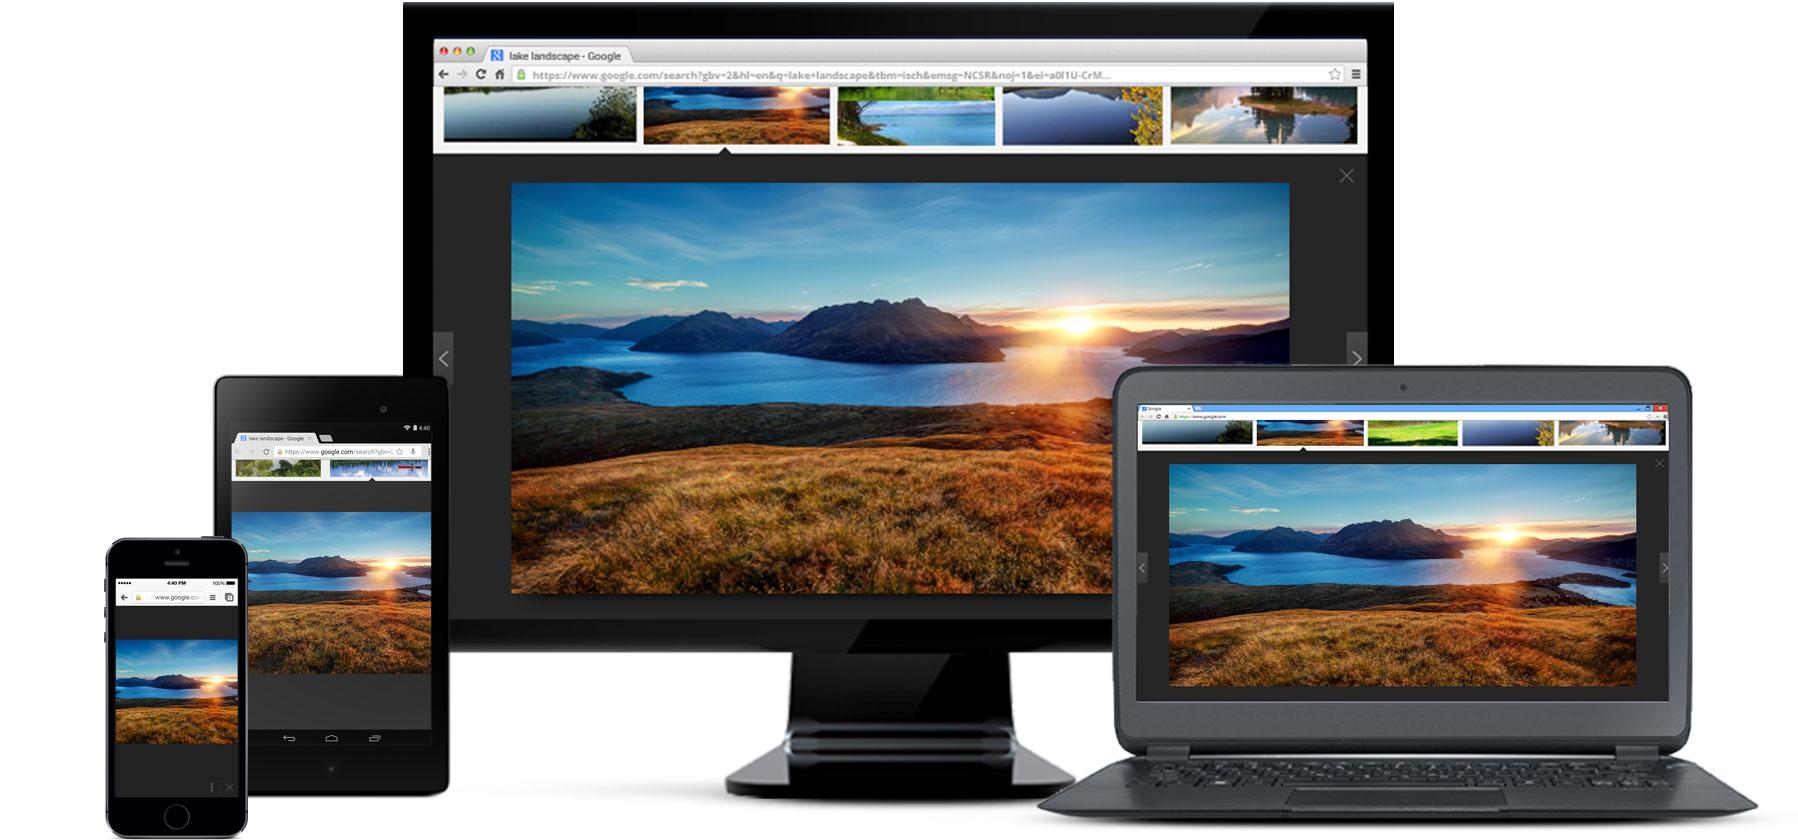 在这里,挑一款你「喜爱的浏览器」带回家吧